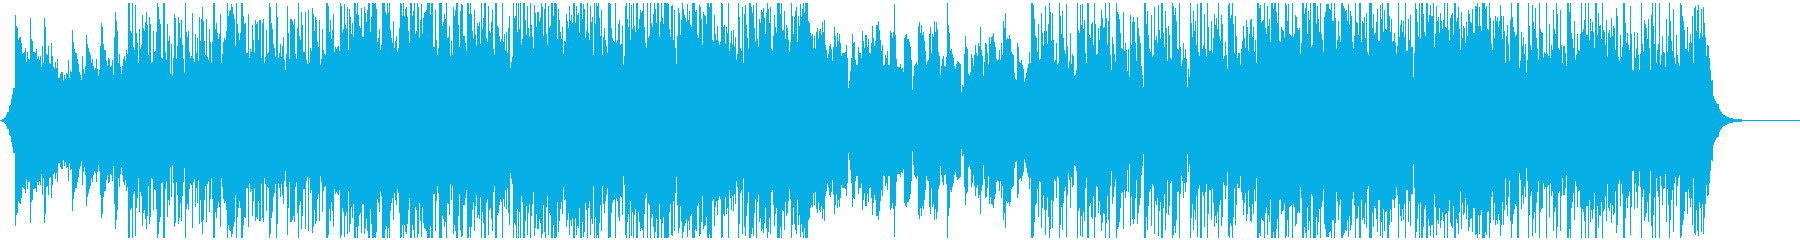 ミニマルなドリーミーエレクトロポップ の再生済みの波形